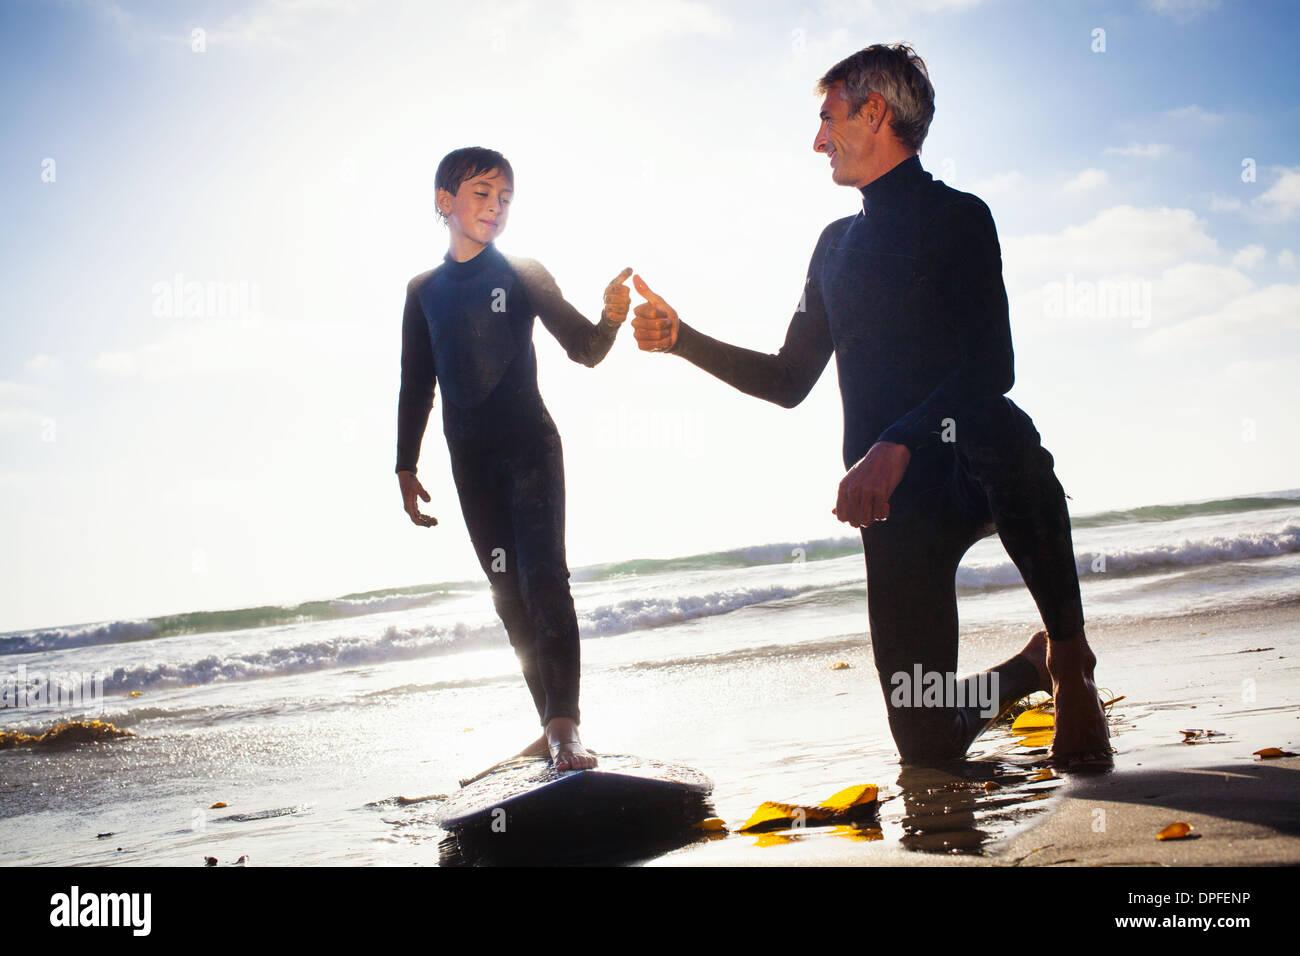 Padre e hijo con tablas de surf en la playa, Encinitas, California, EE.UU. Imagen De Stock